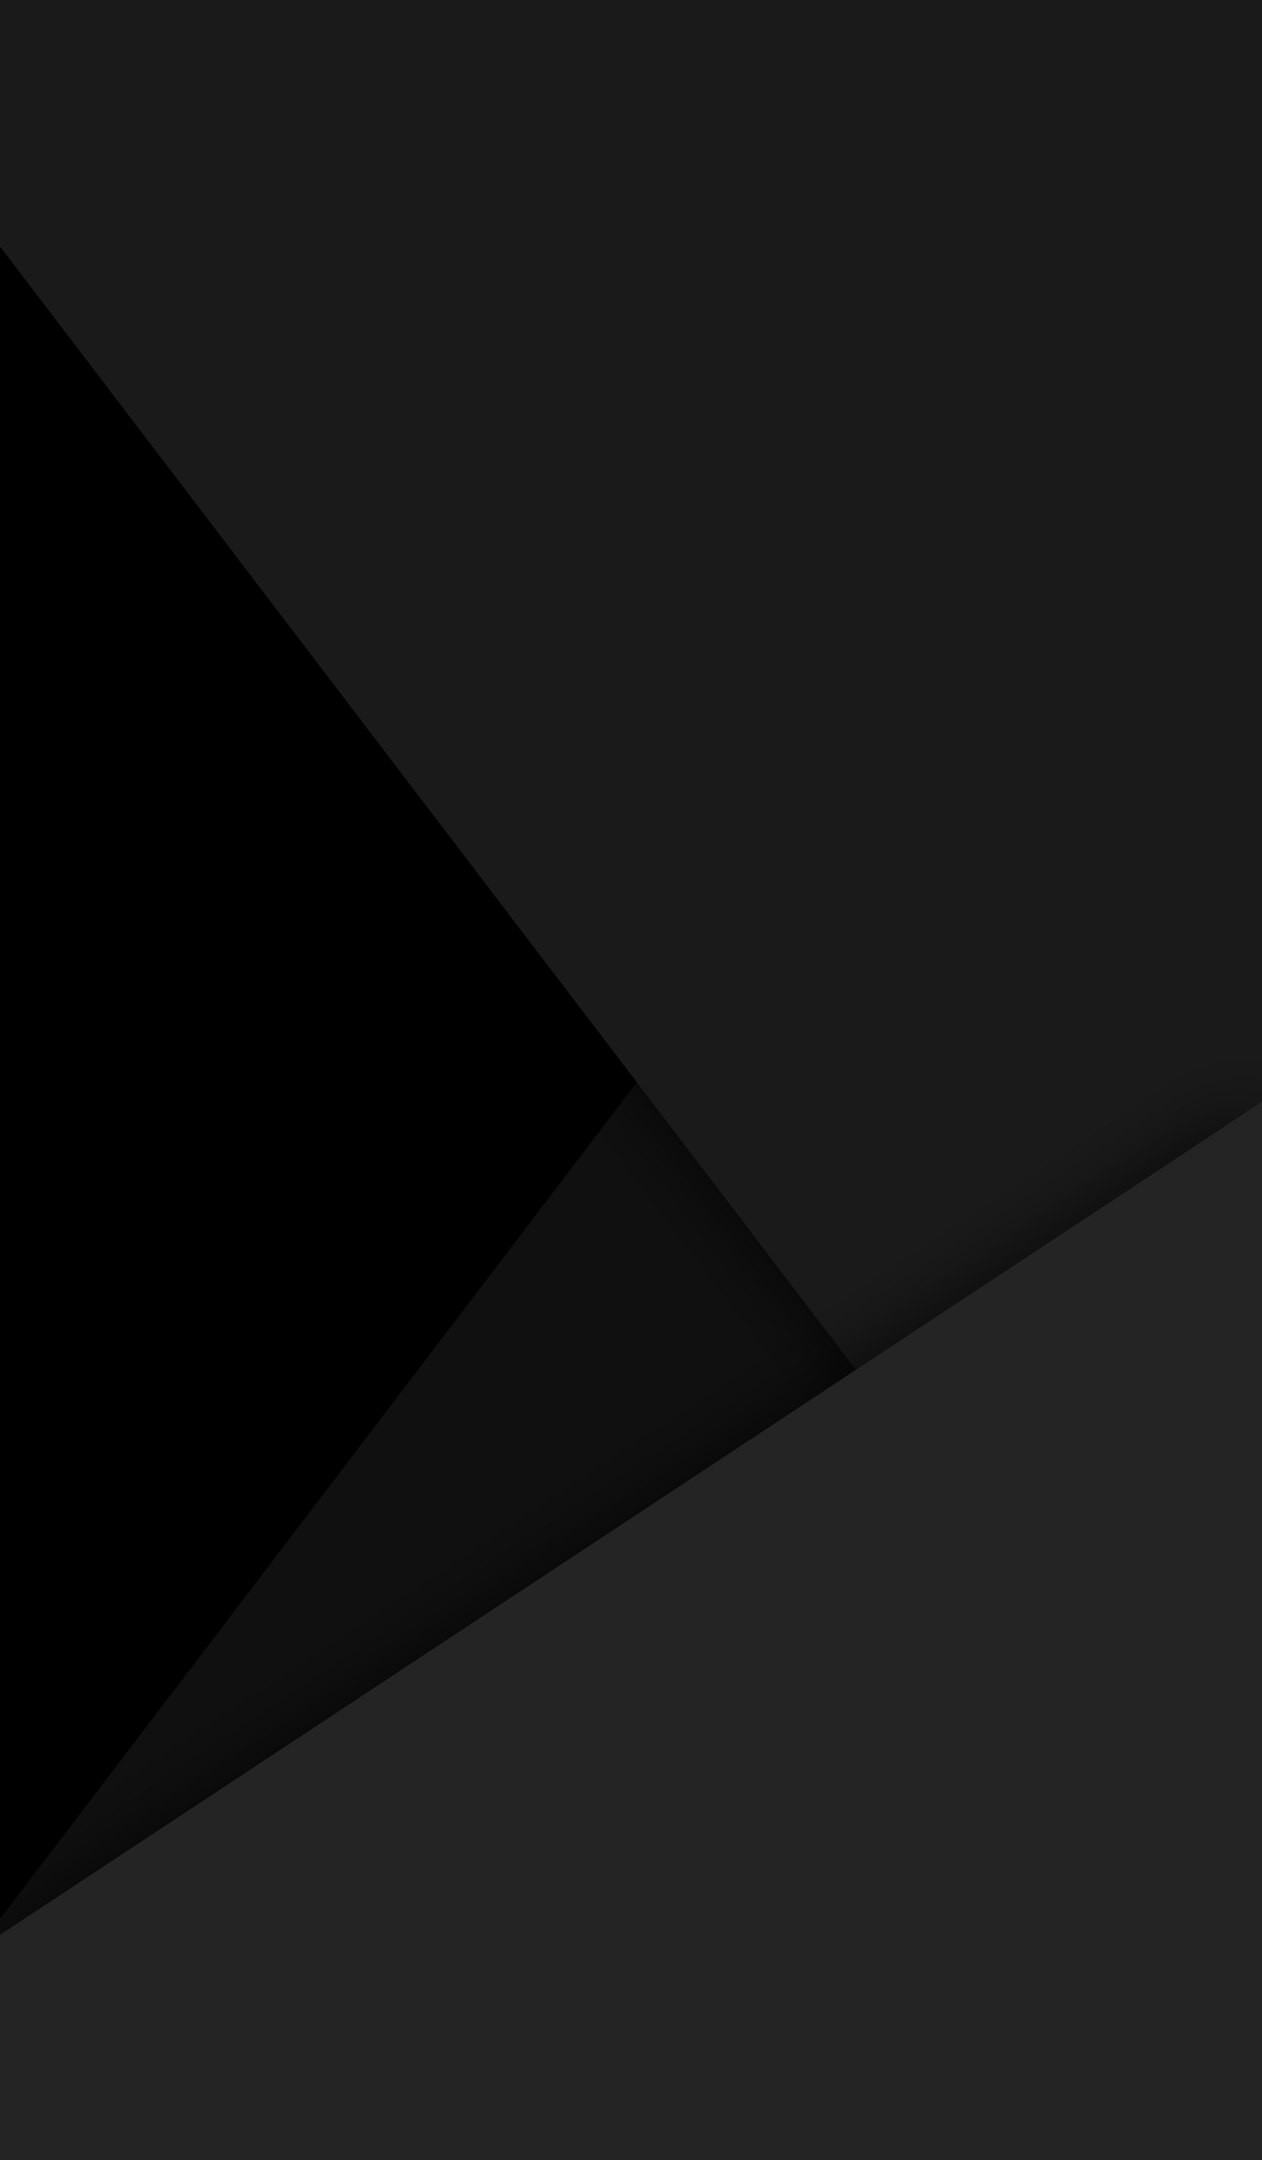 All Black Wallpaper 4k - Zendha